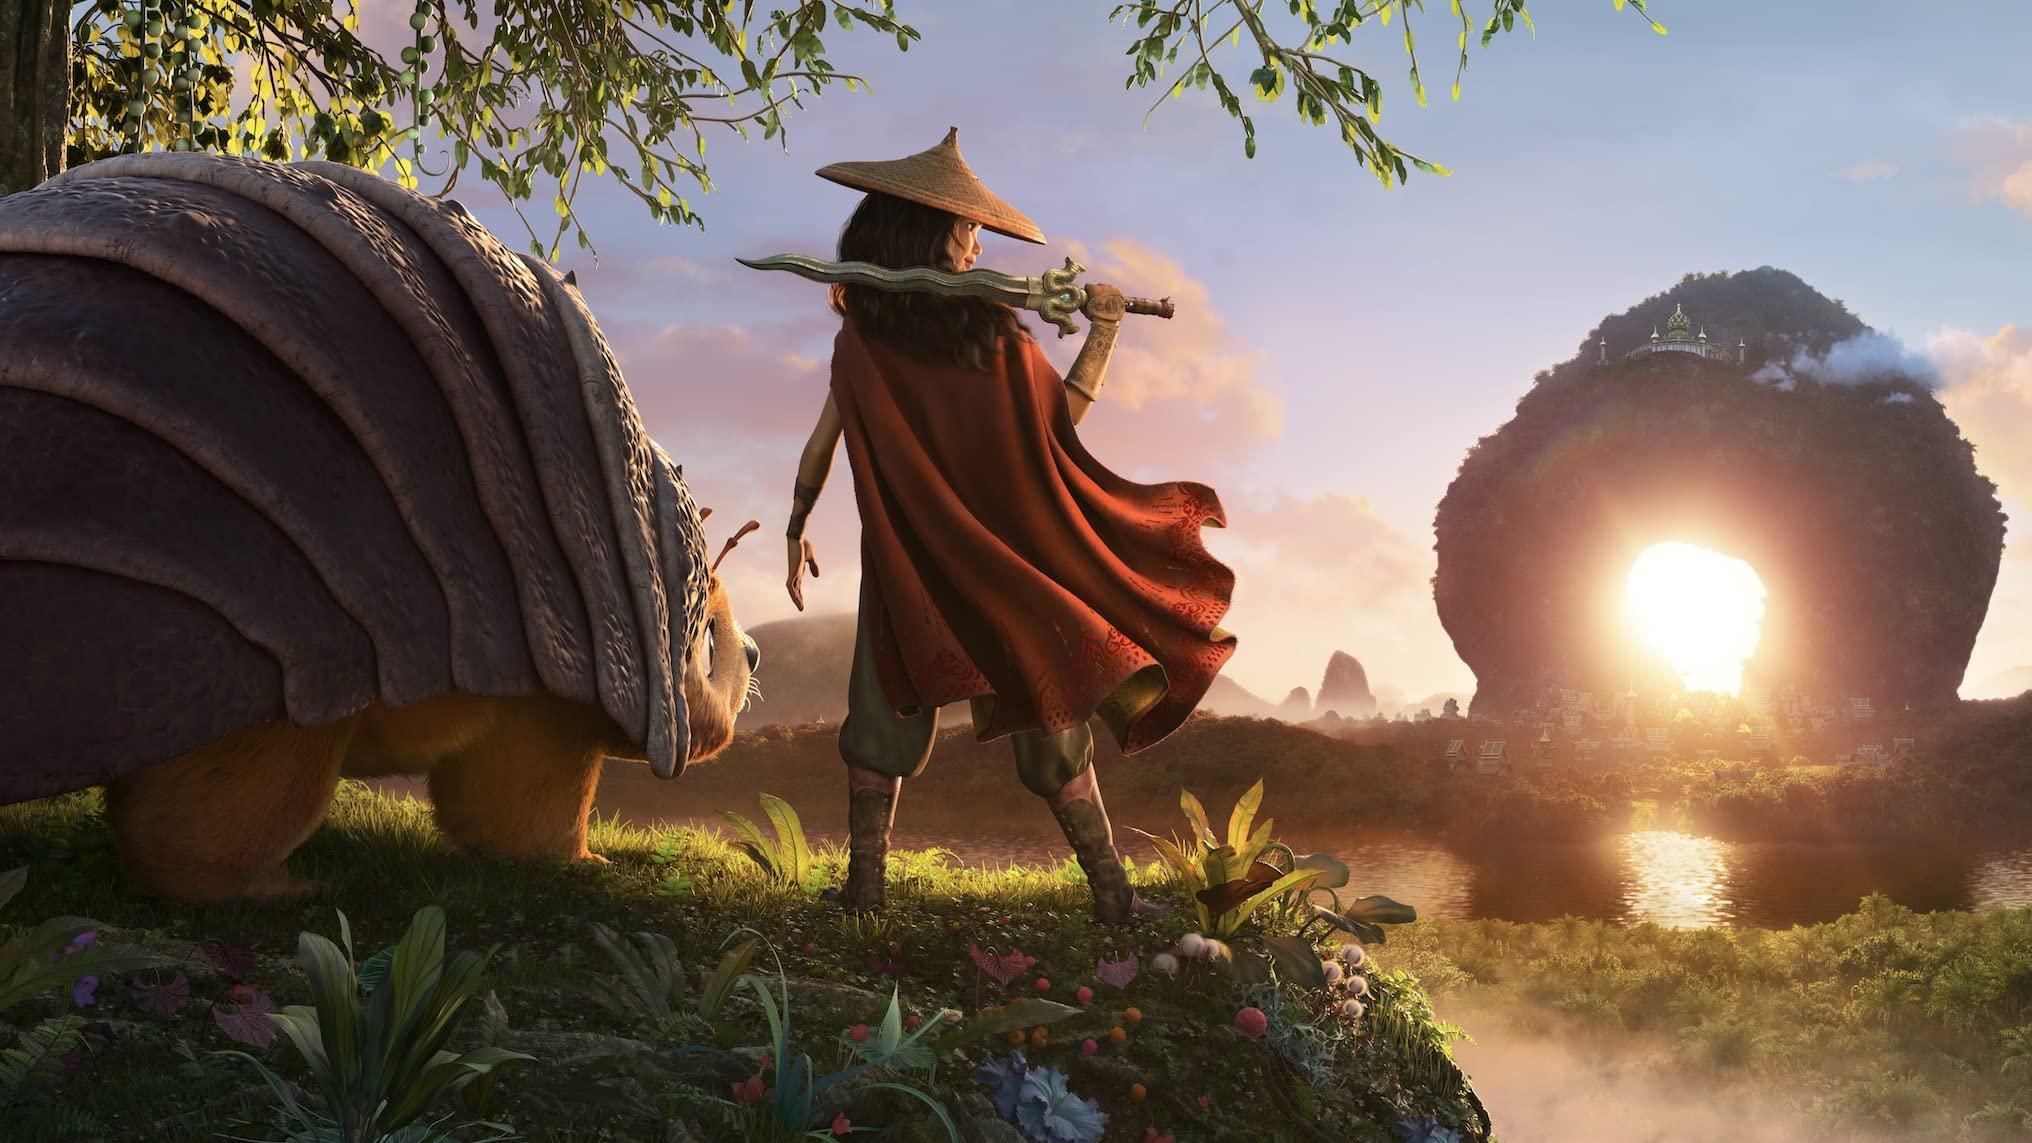 Xem Phim Raya Và Rồng Thần Cuối Cùng - Raya And The Last Dragon Full Vietsub | Thuyết Minh HD Online